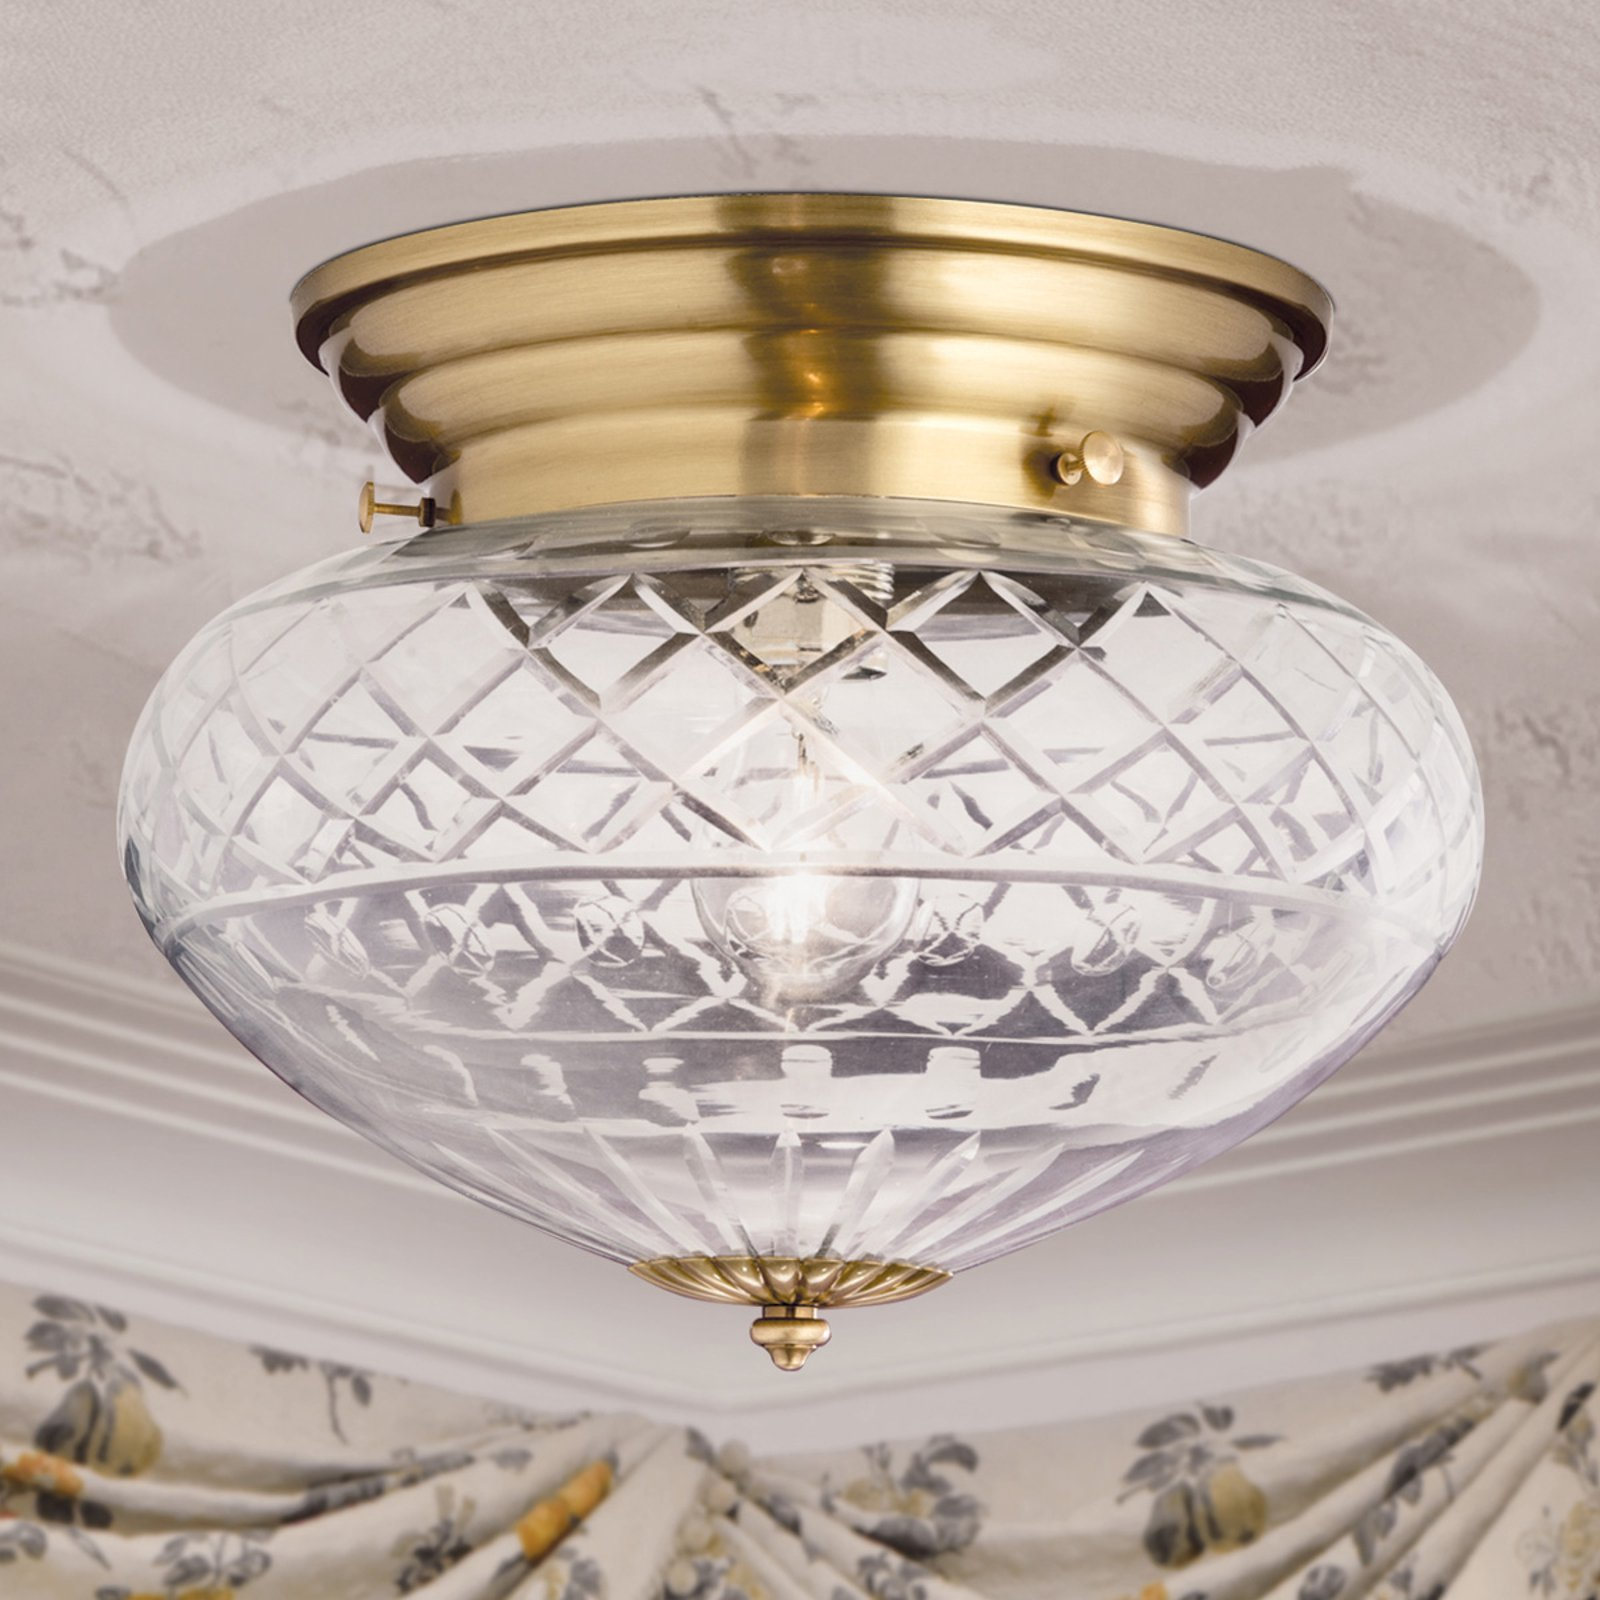 Håndslipt ENNA taklampe Ø 31 cm